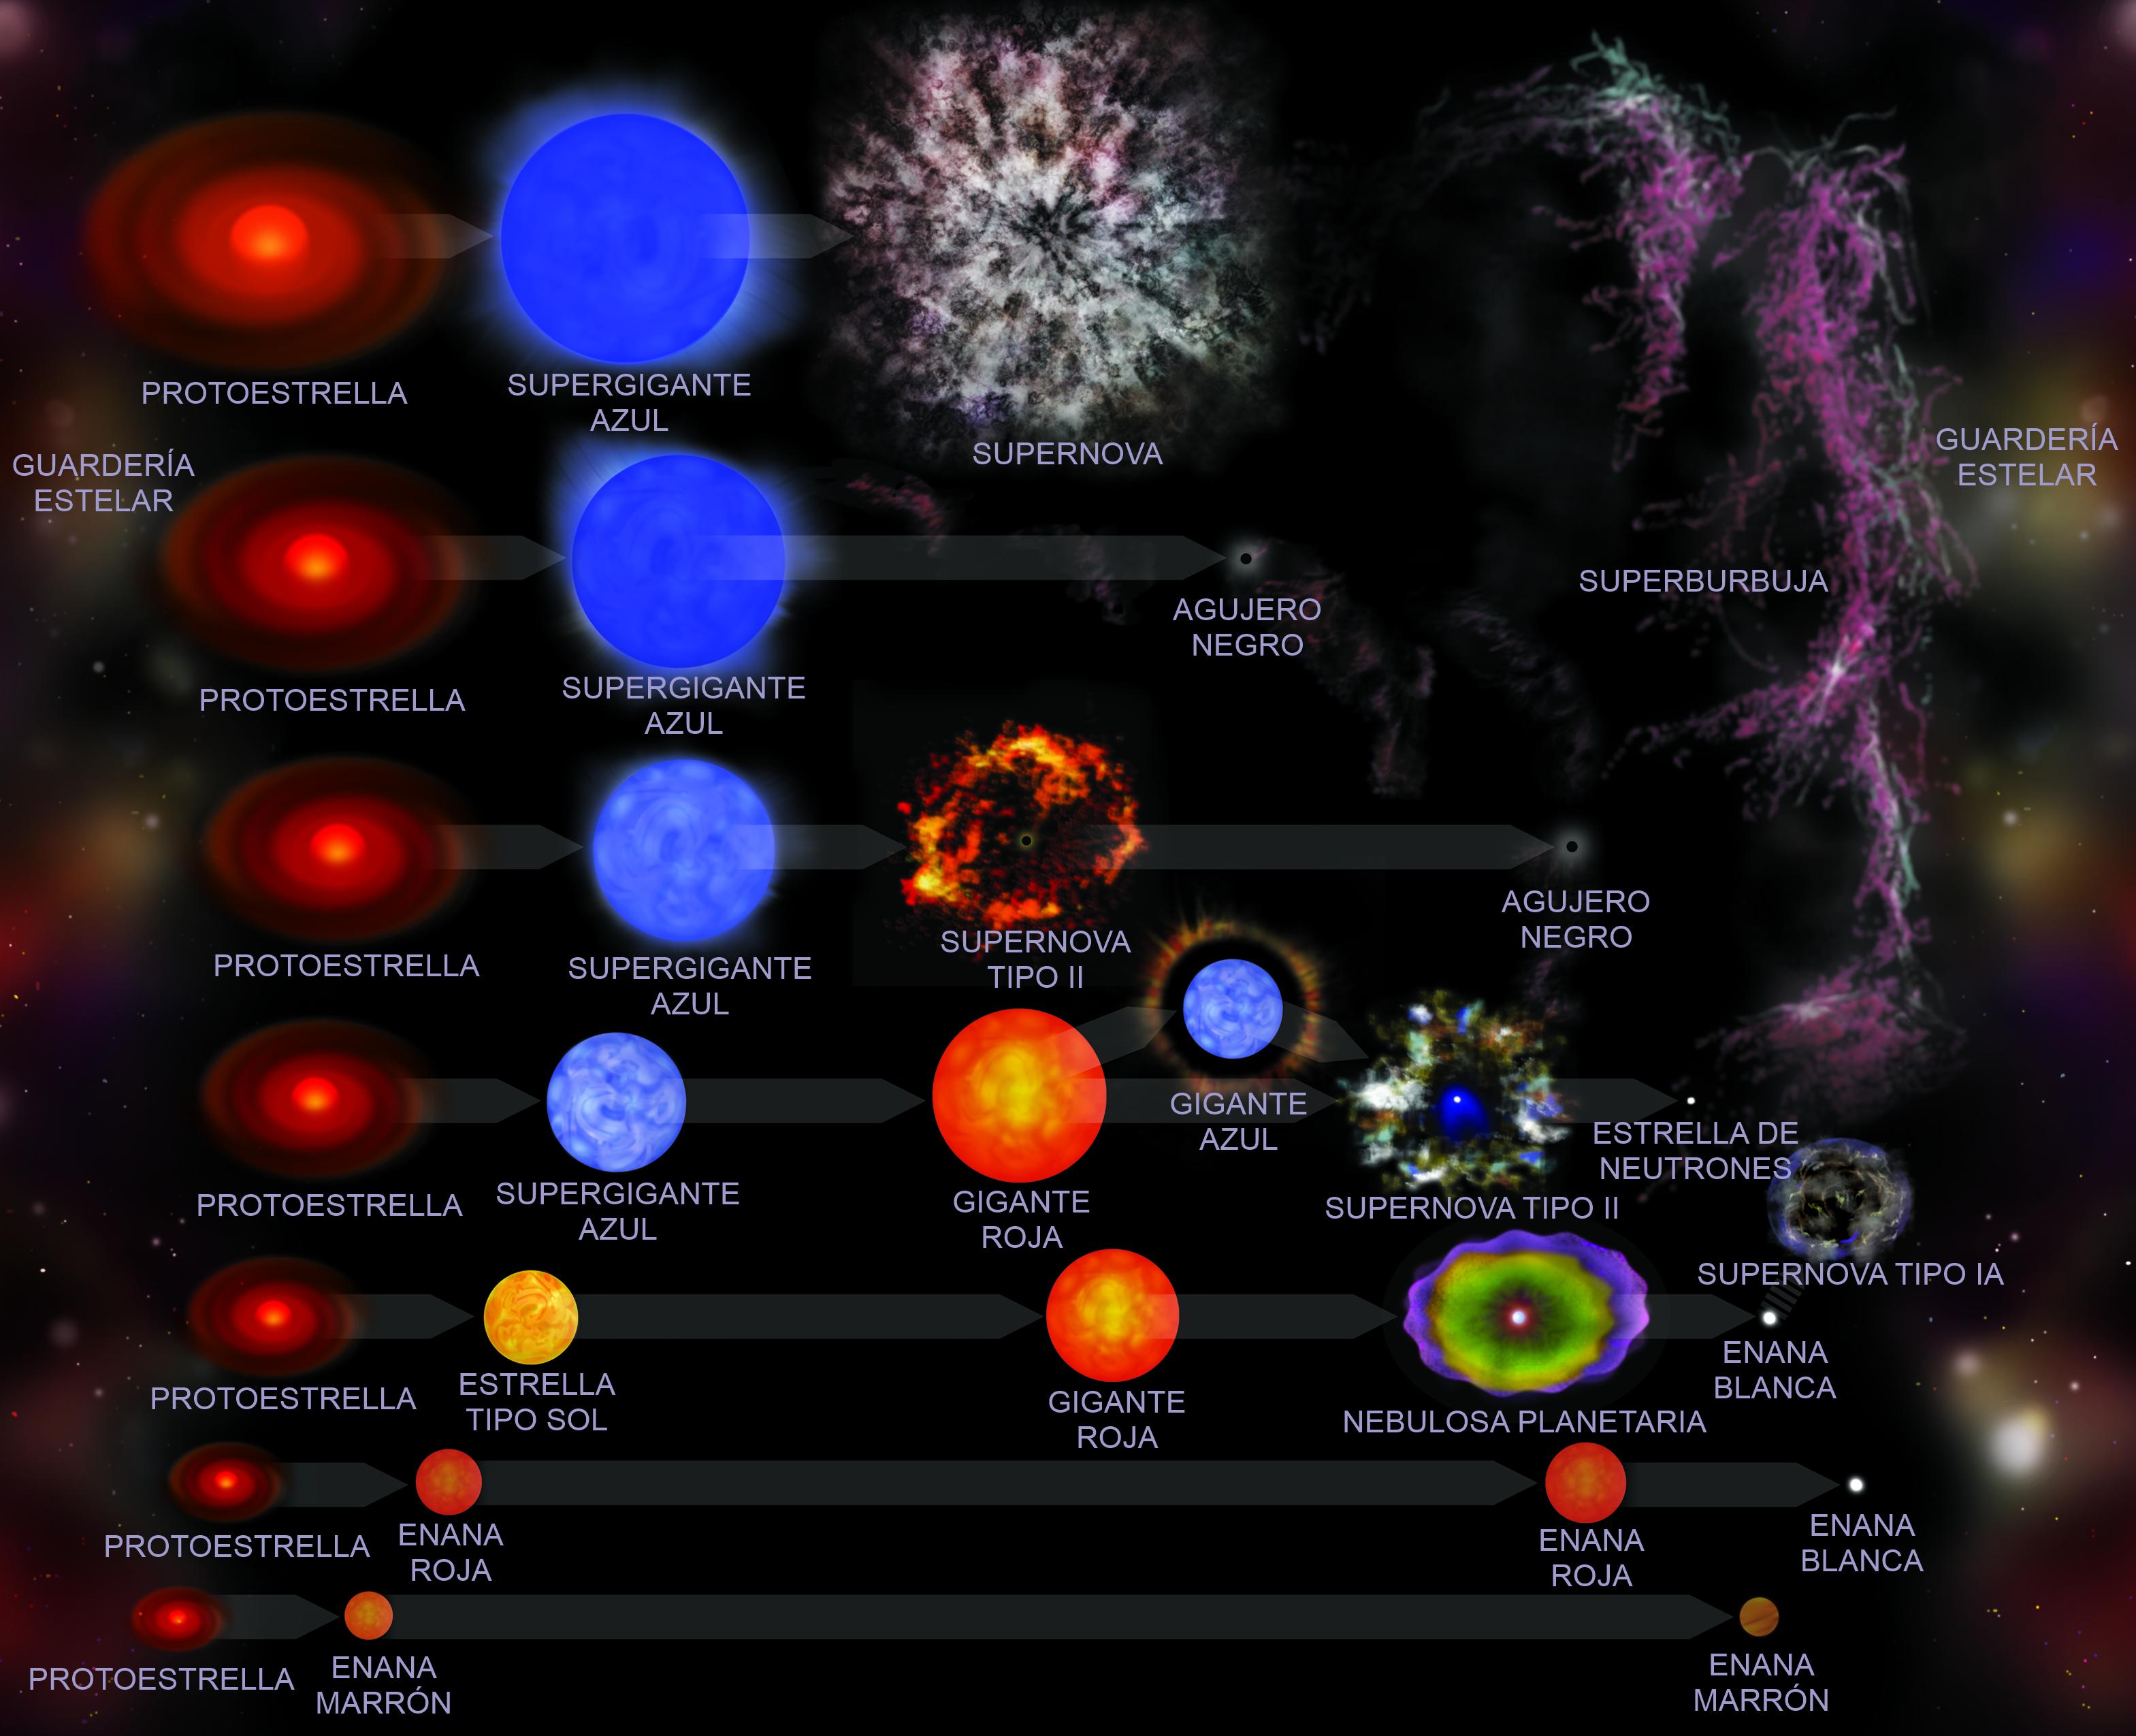 Etapas ciclo estelar